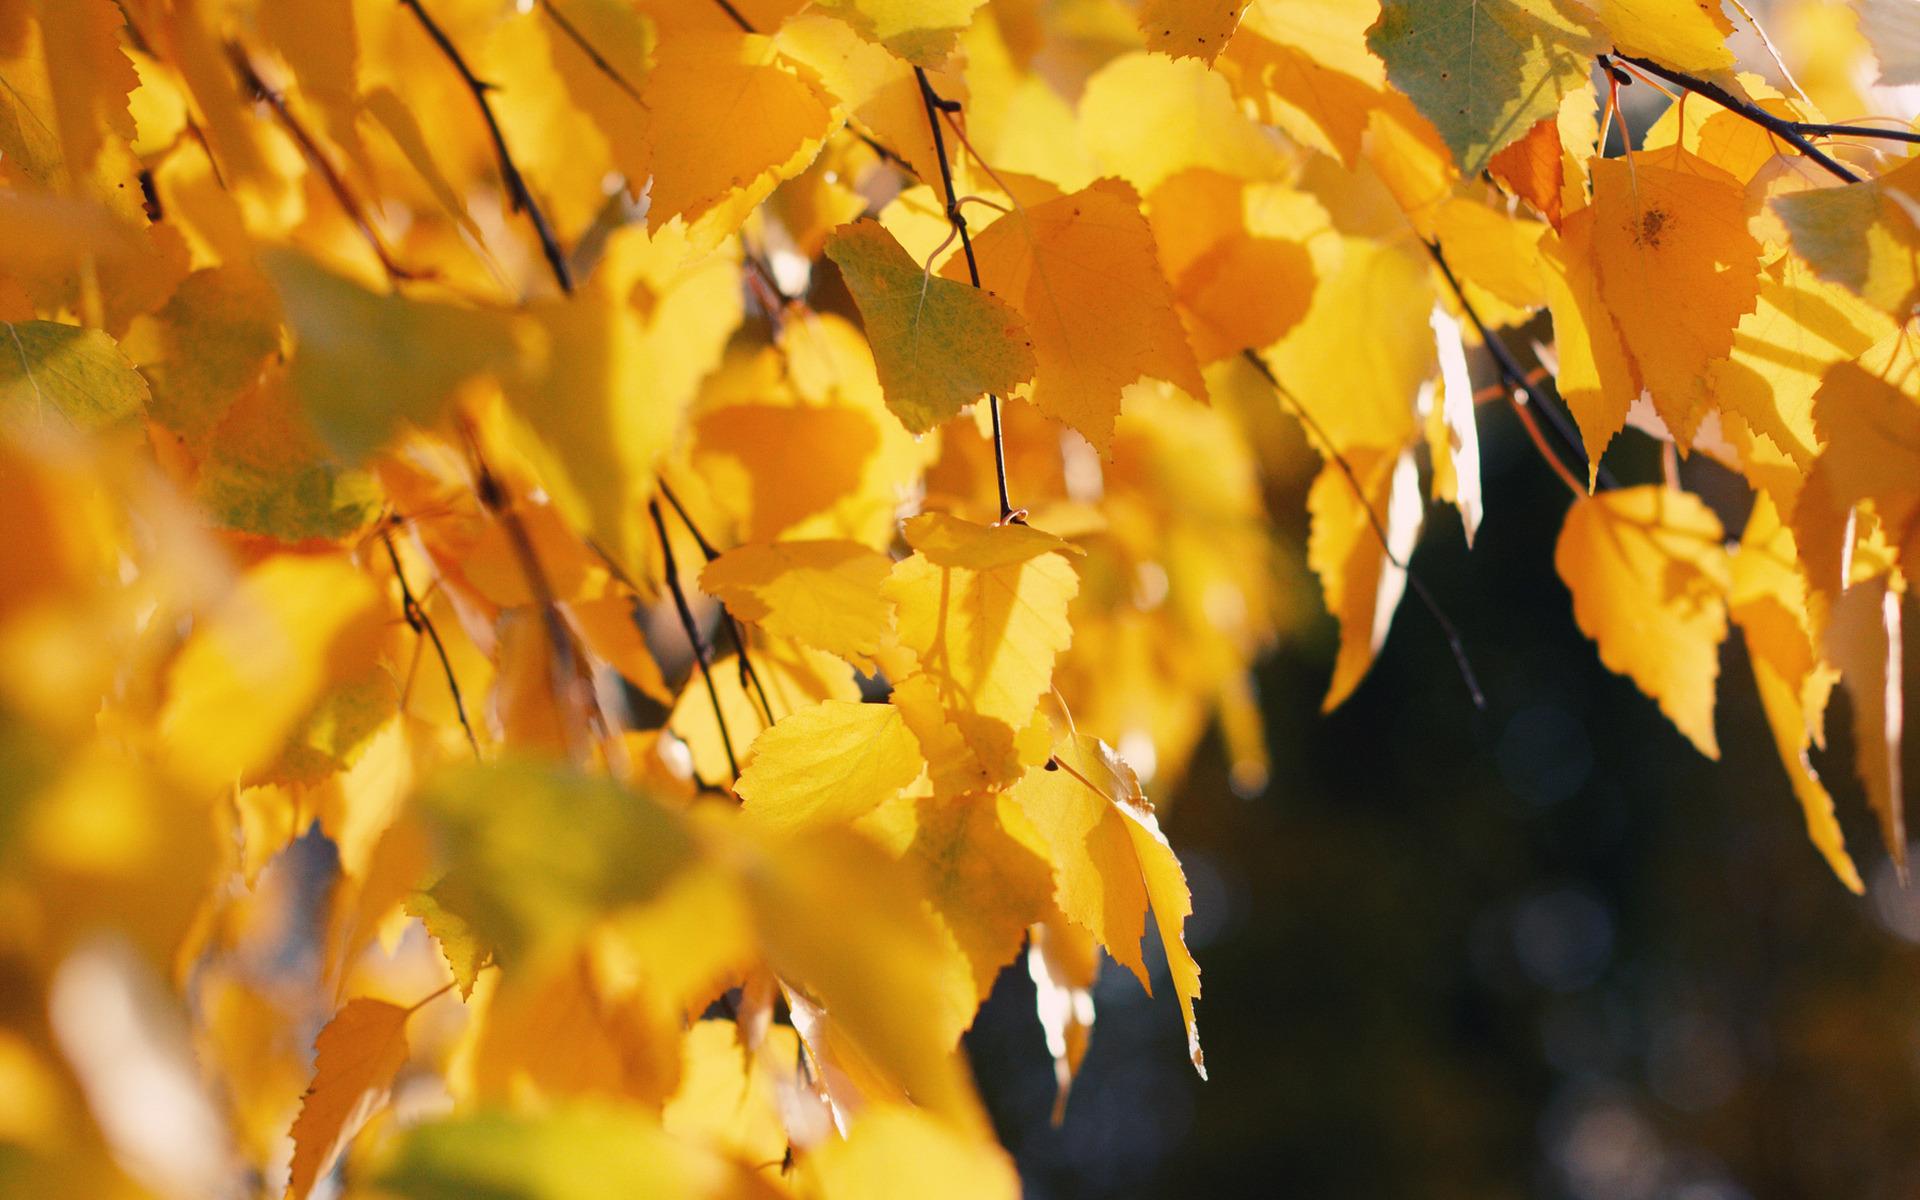 разное природа лампа цветы желтые осень  № 2634568 бесплатно